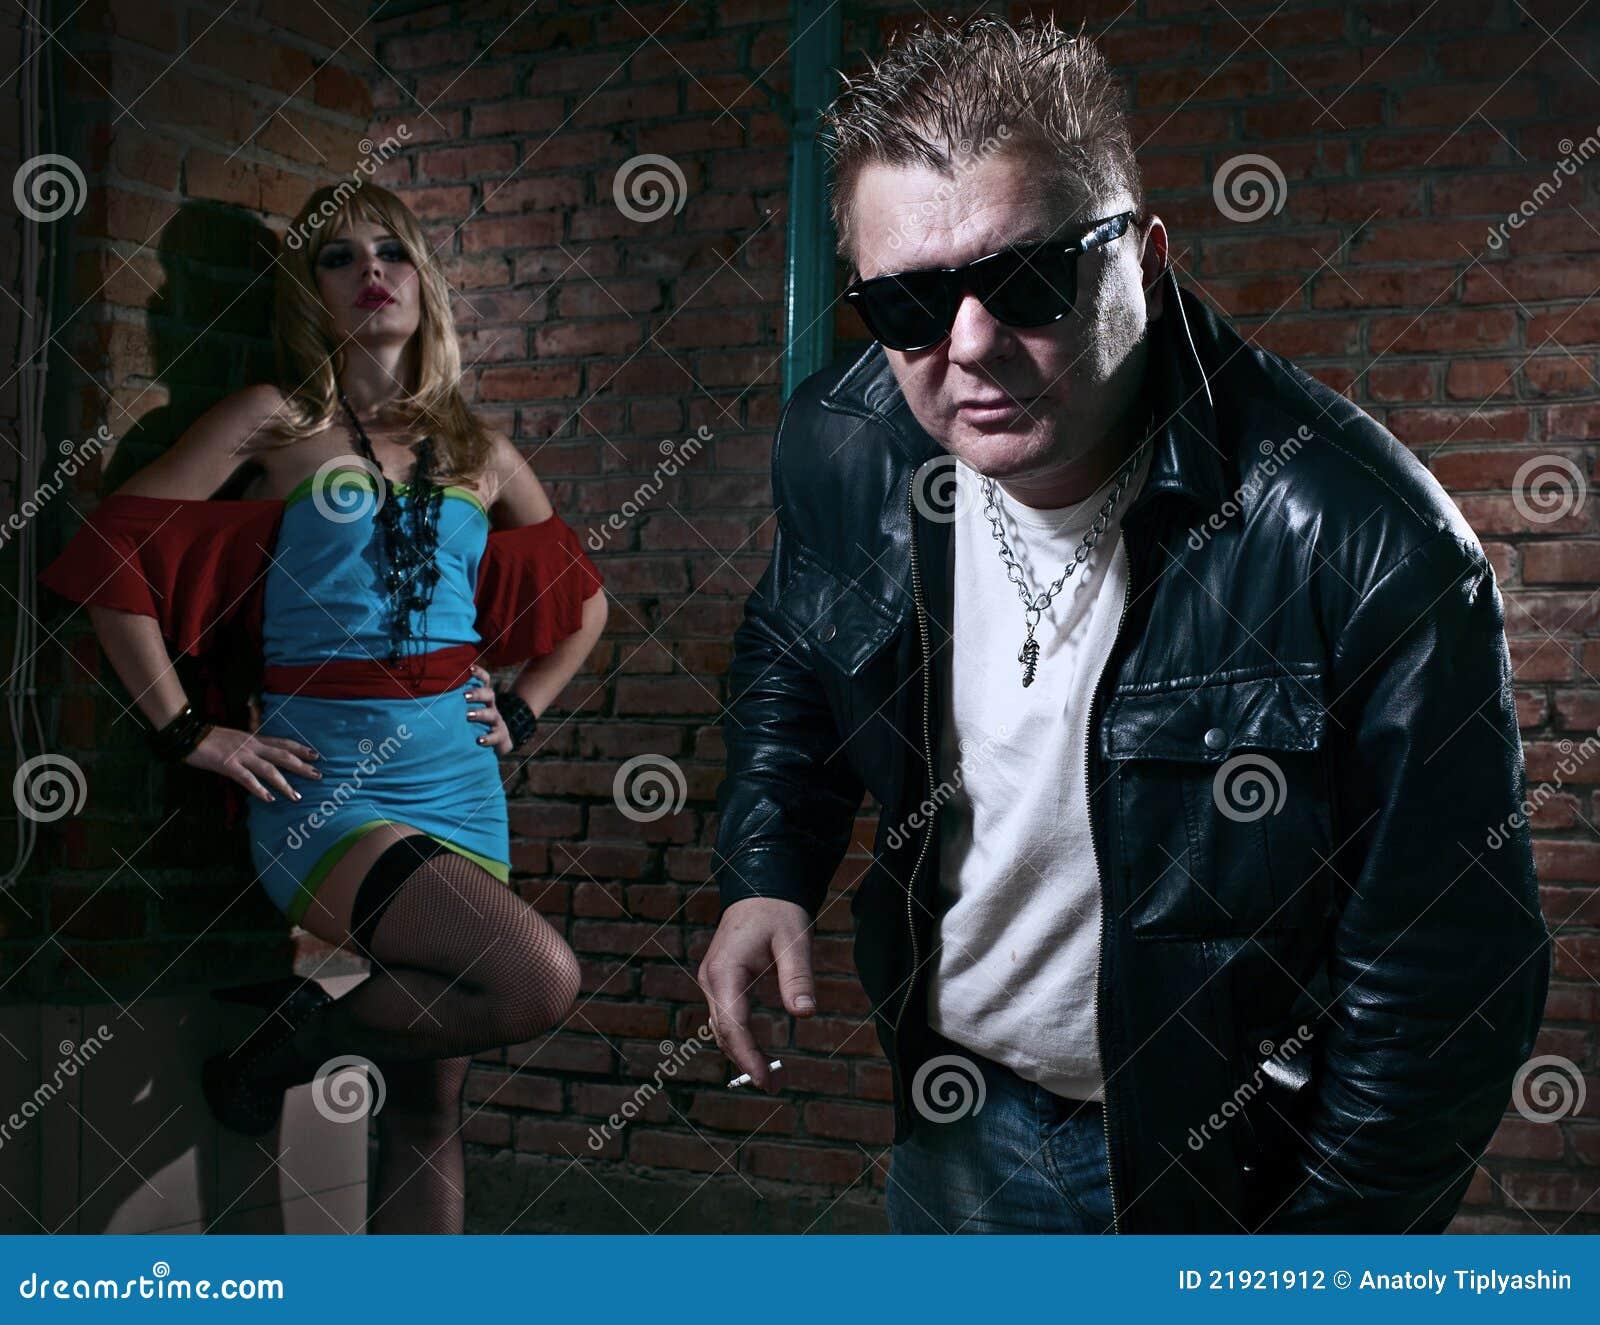 страны бандиты все проститутки или